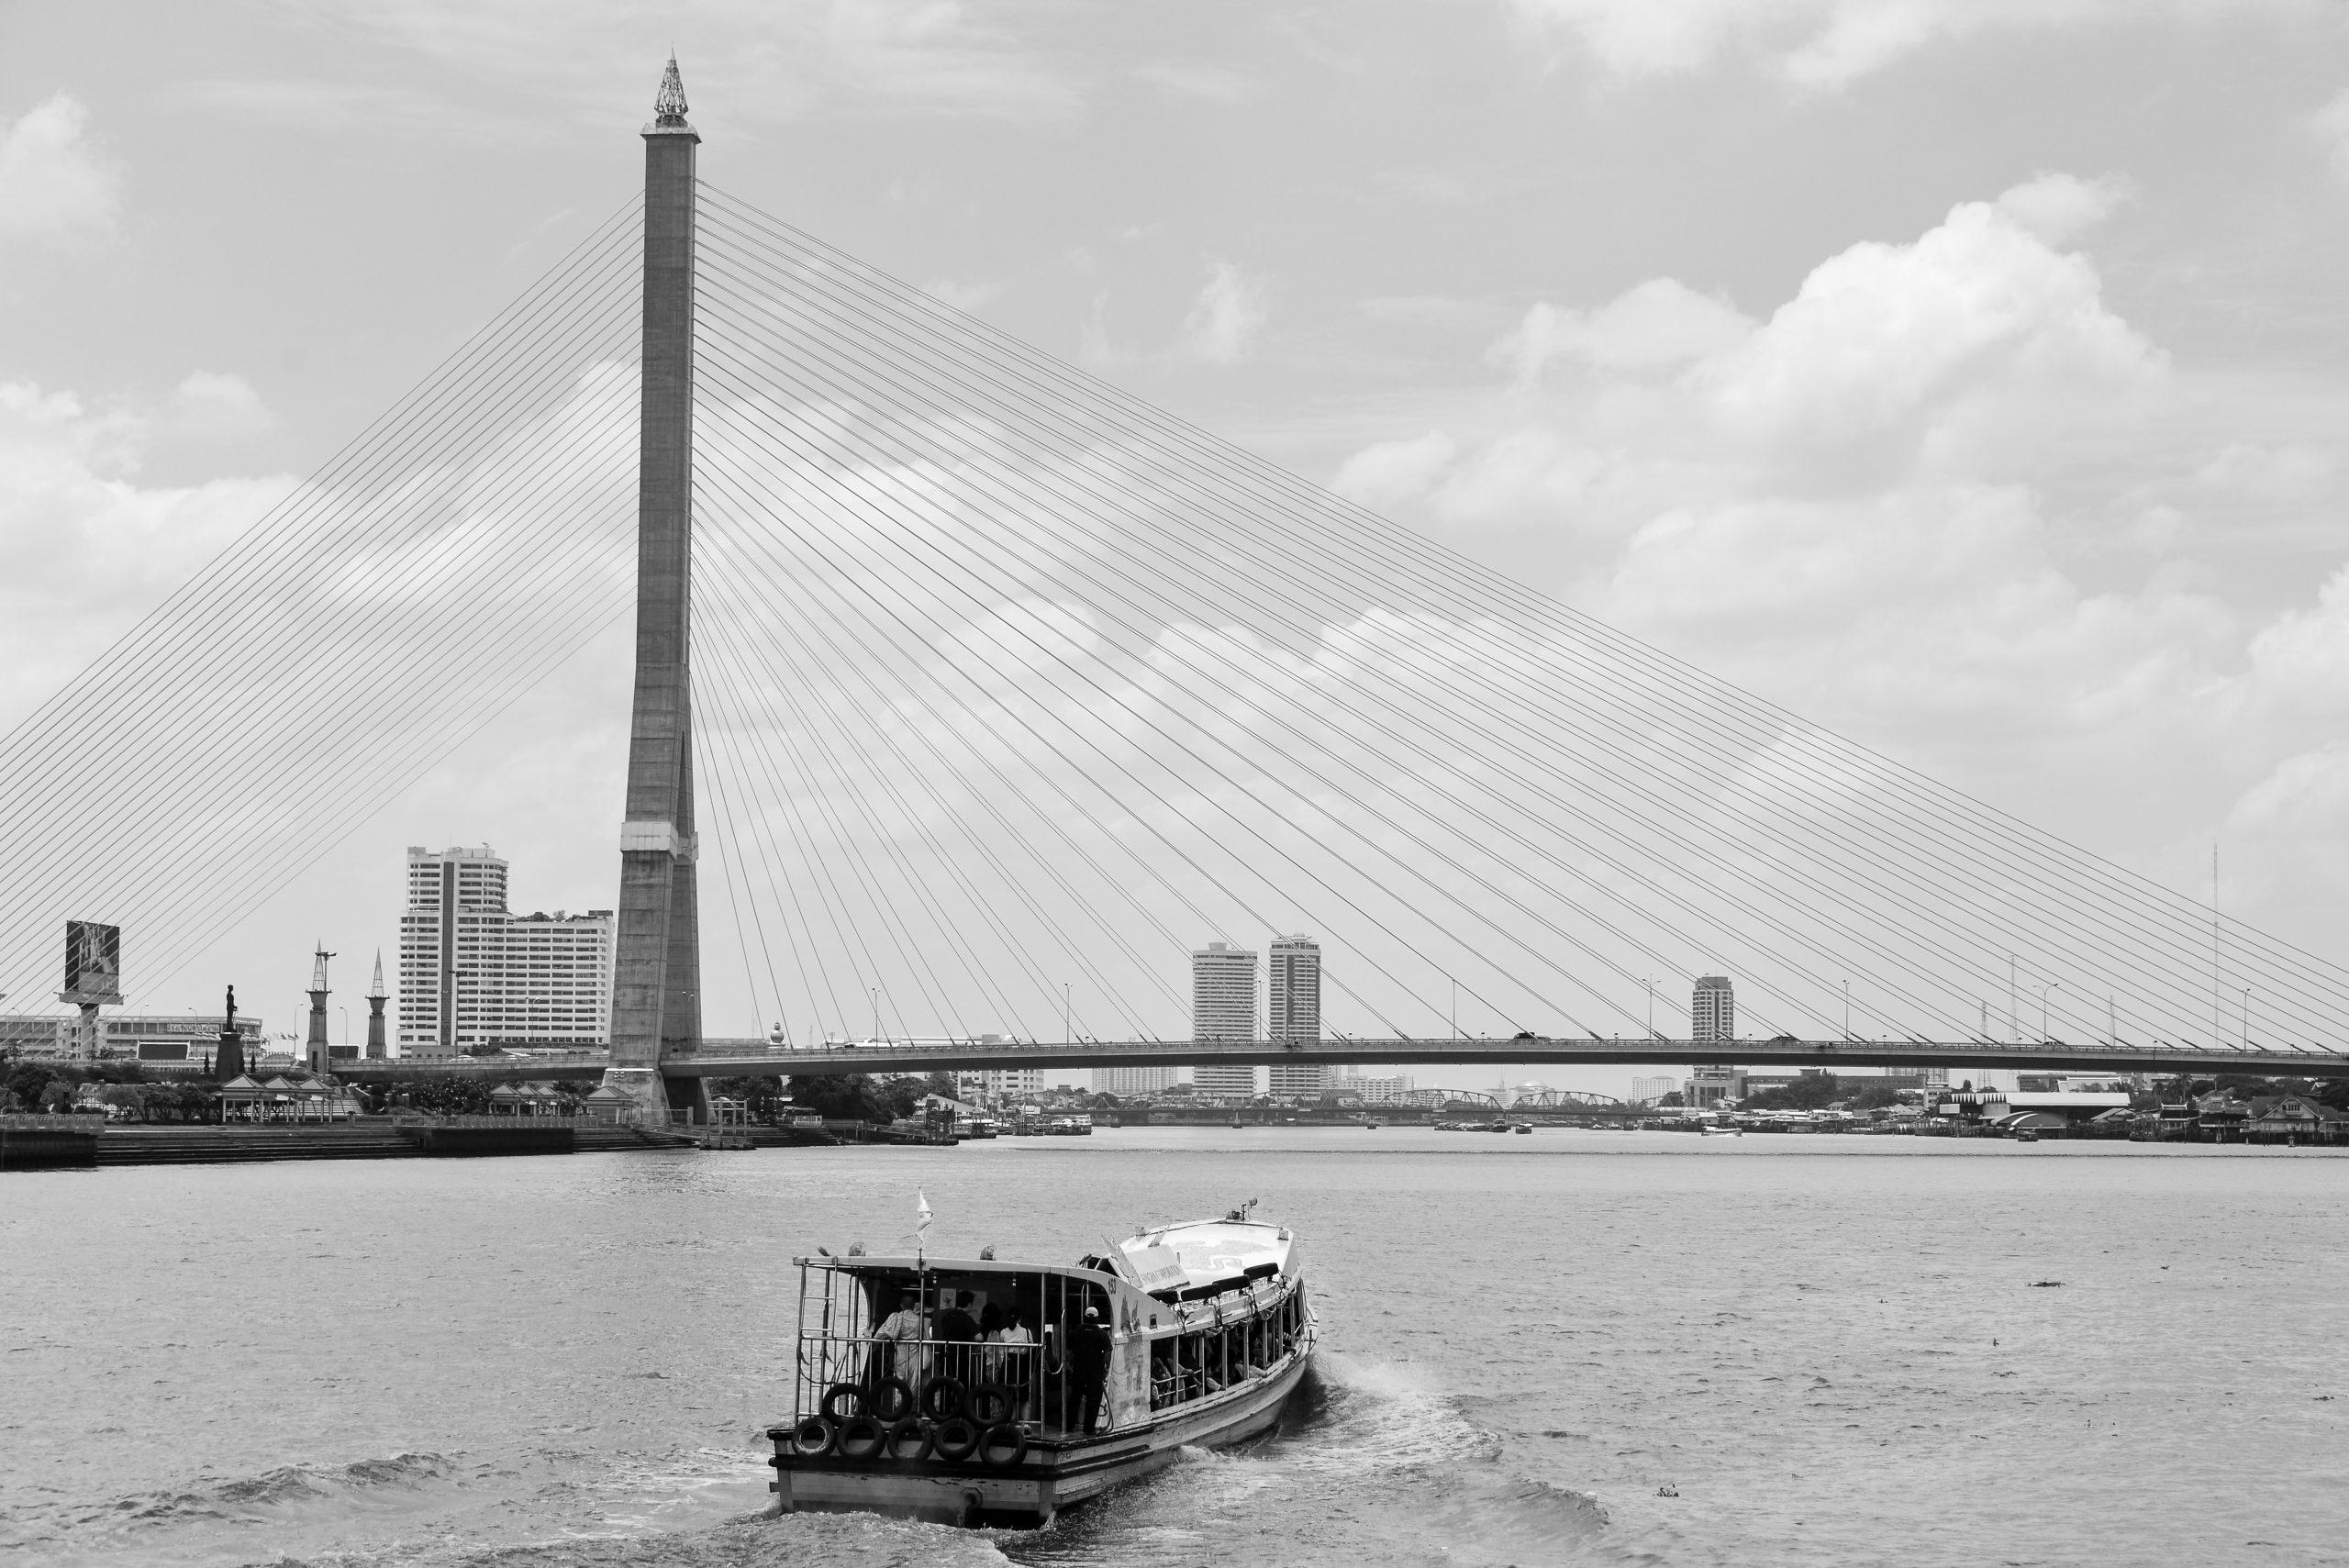 Rama VIII Bridge, Bangkok, Thailand, Asia